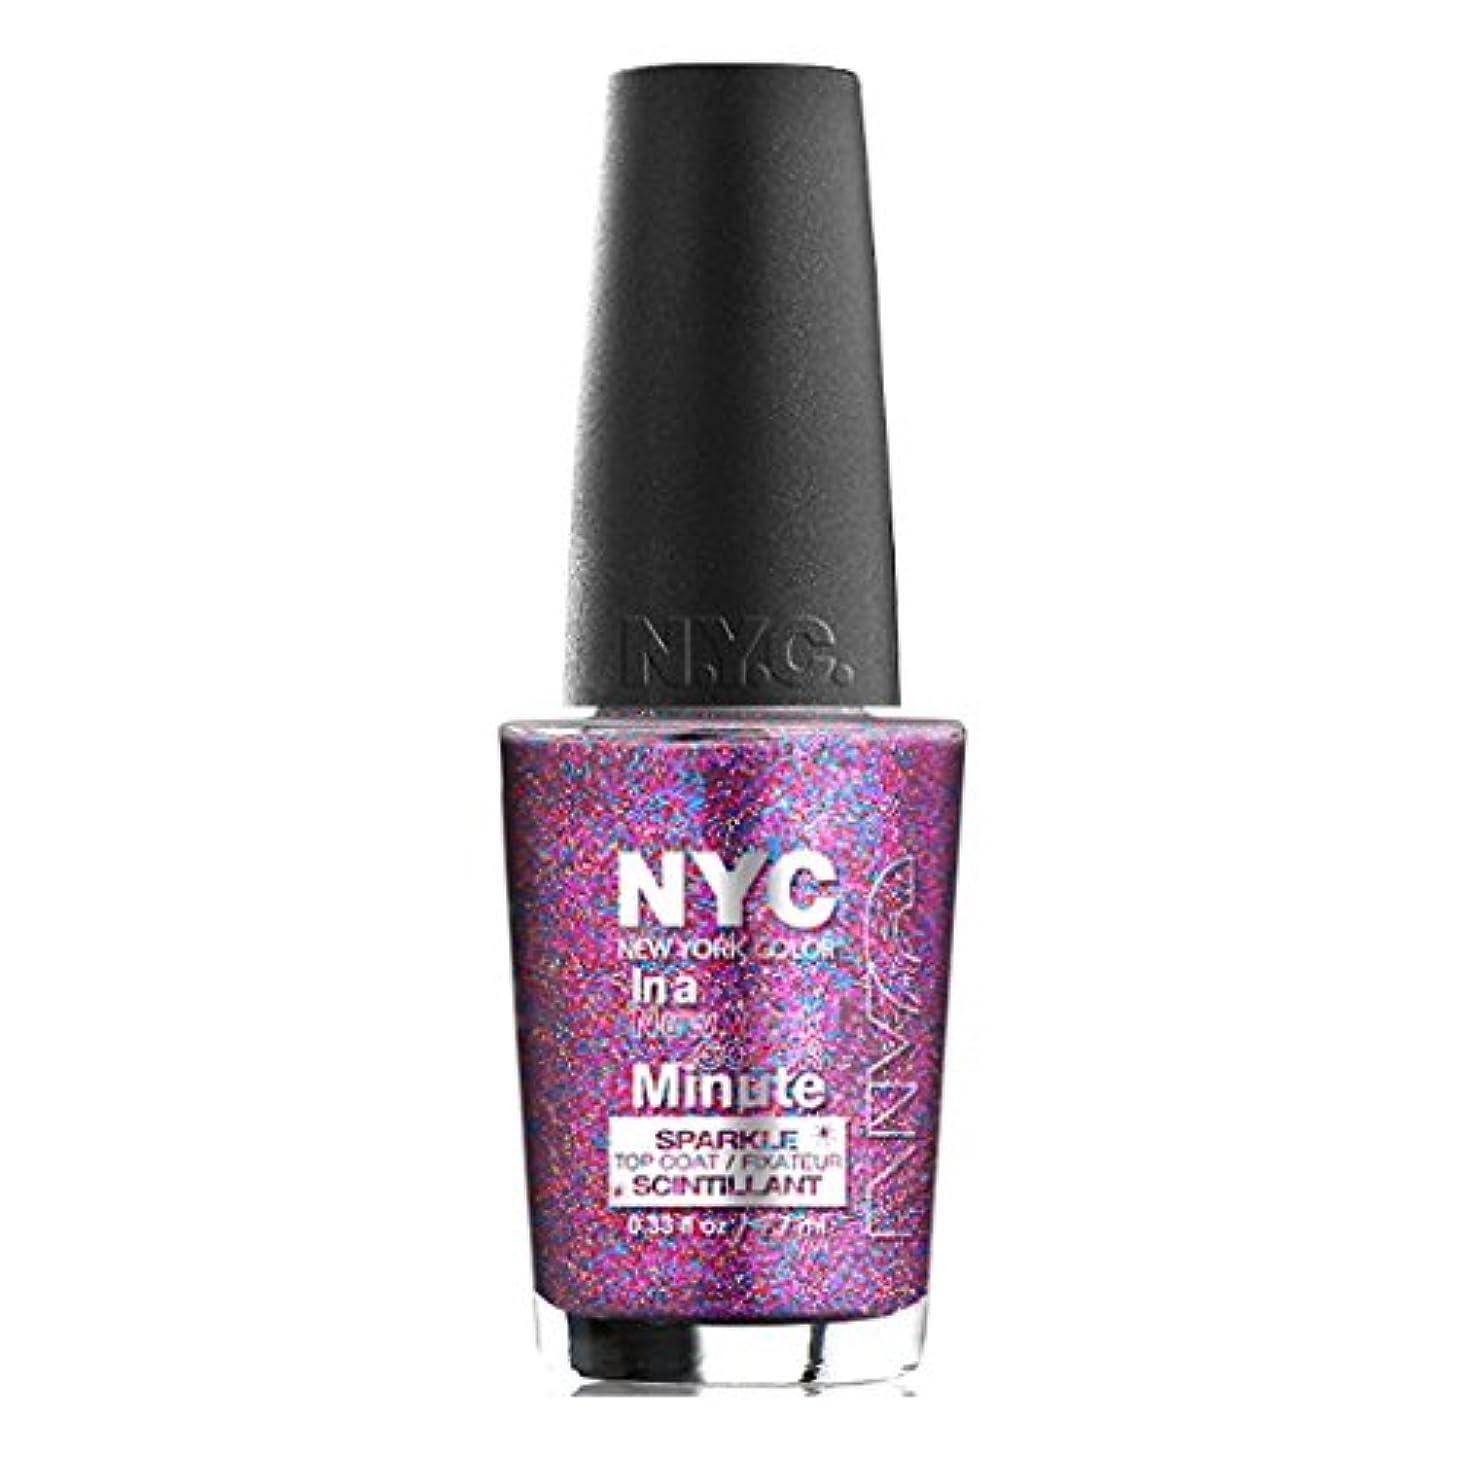 マグミシン目スキーム(6 Pack) NYC In A New York Color Minute Sparkle Top Coat - Big City Dazzle (並行輸入品)